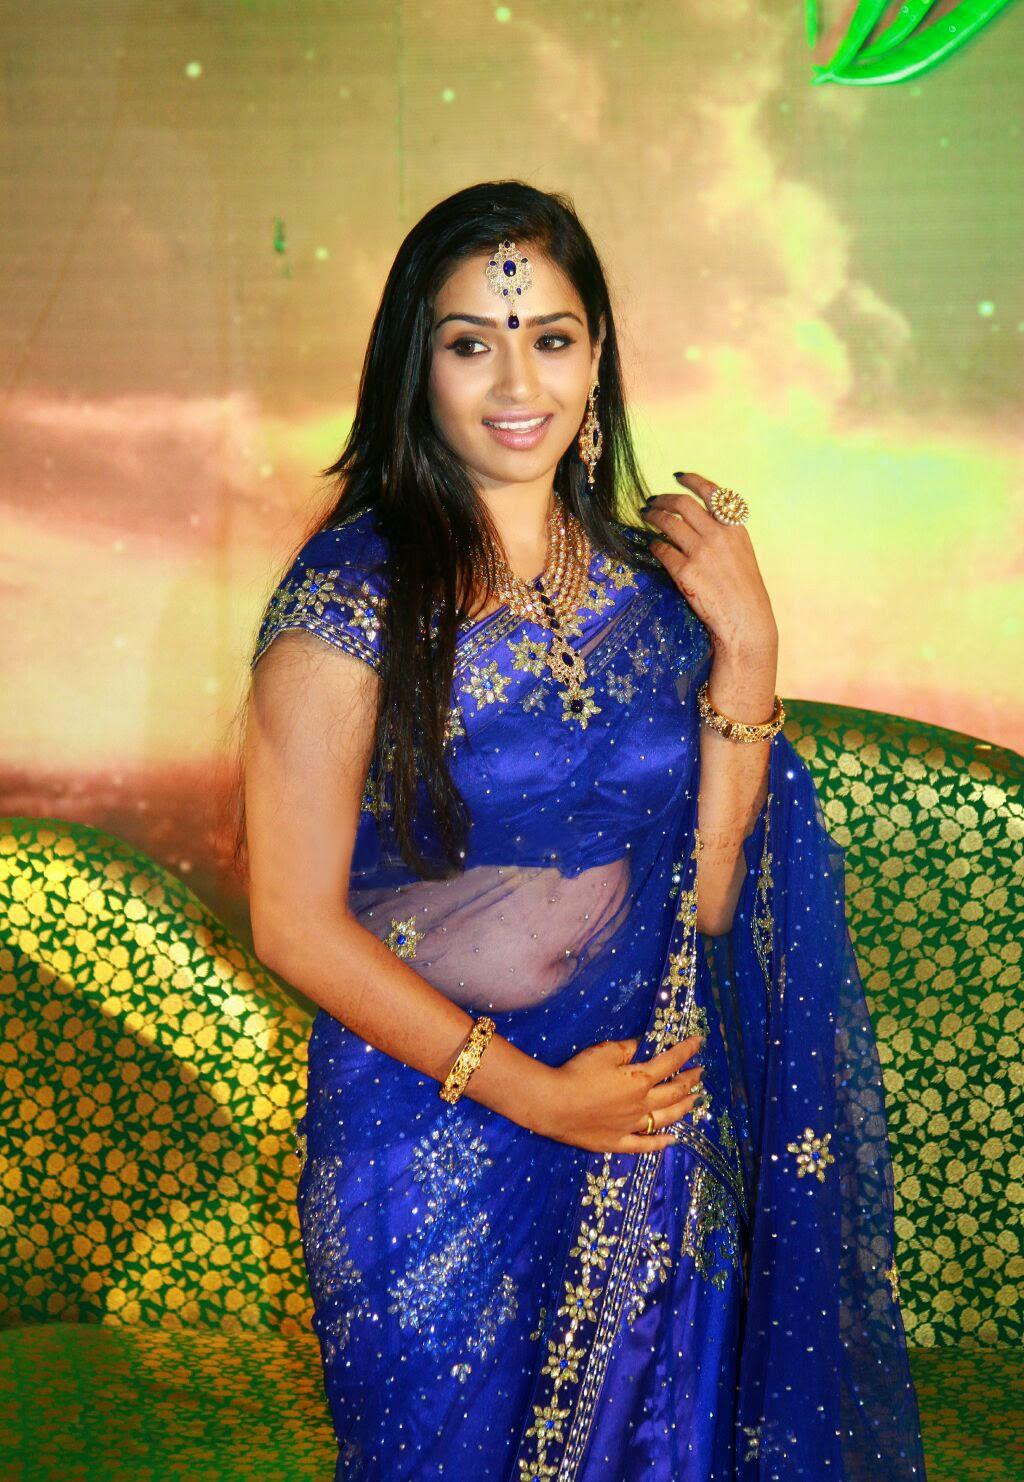 Transparent Saree: Actress Vidya Hot Navel In Transparent Saree Blue Saree